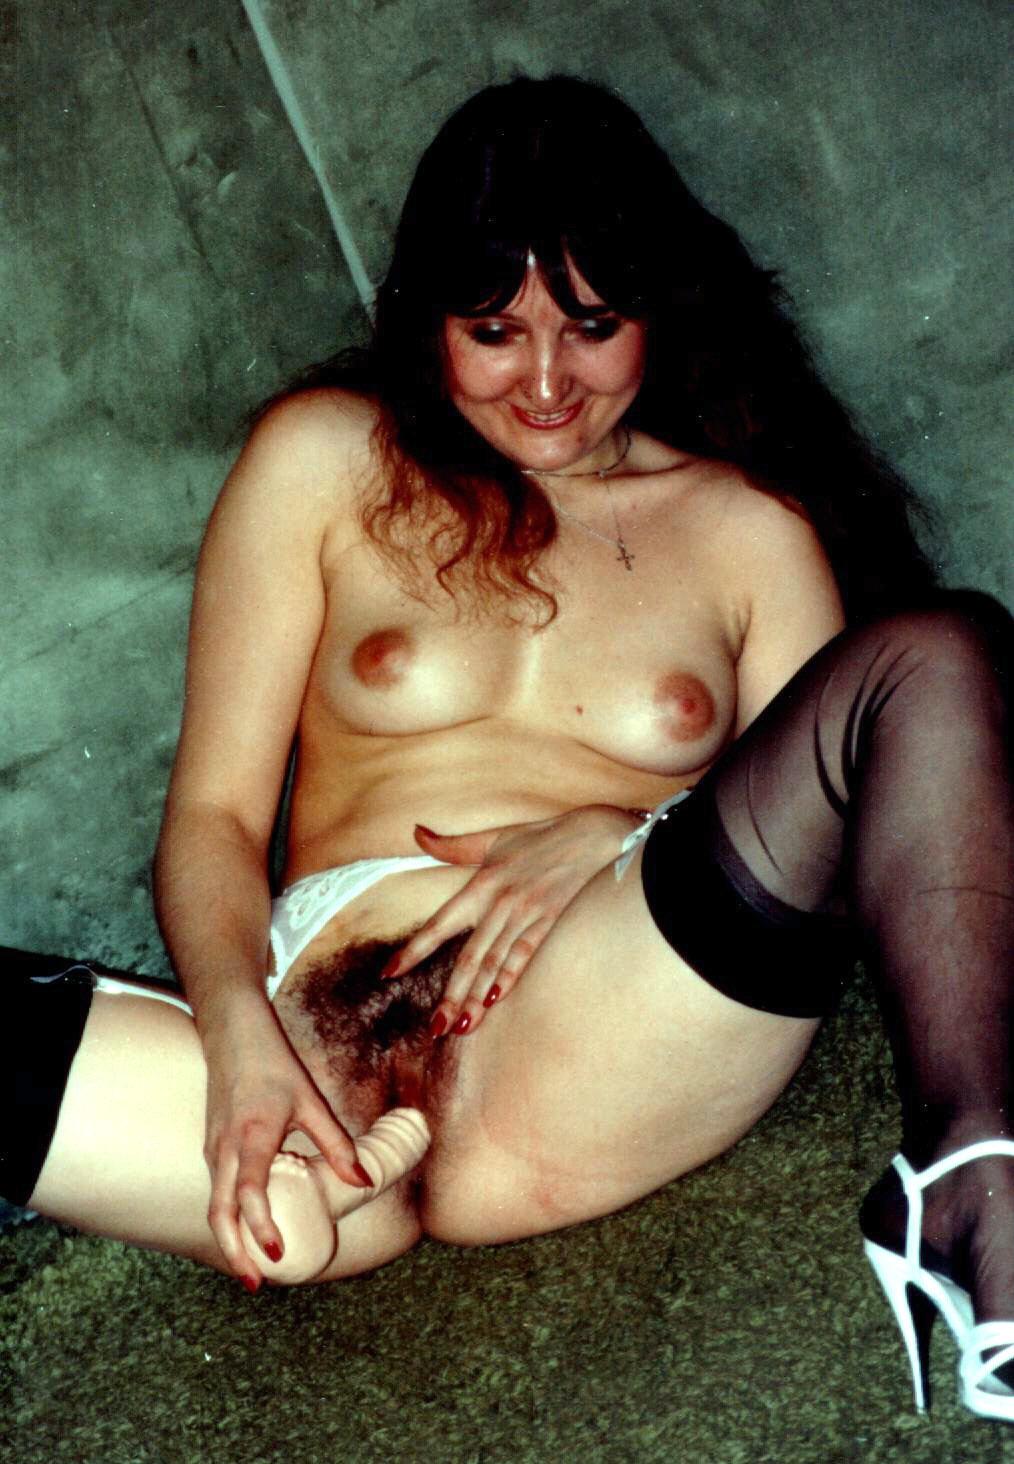 Midget stripper nashville